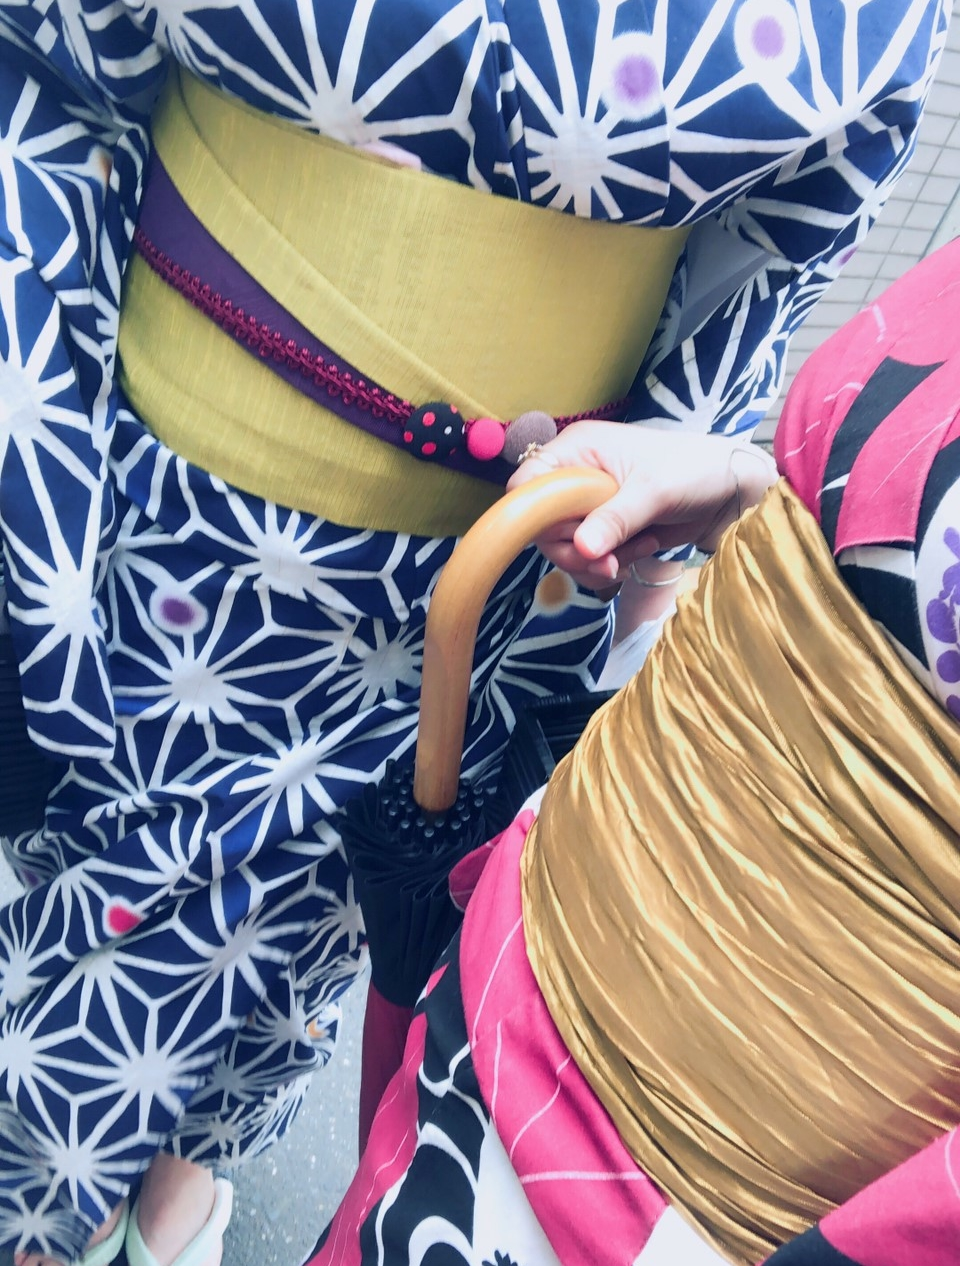 レンタル着物 咲く都スタンダードプランのお客様写真